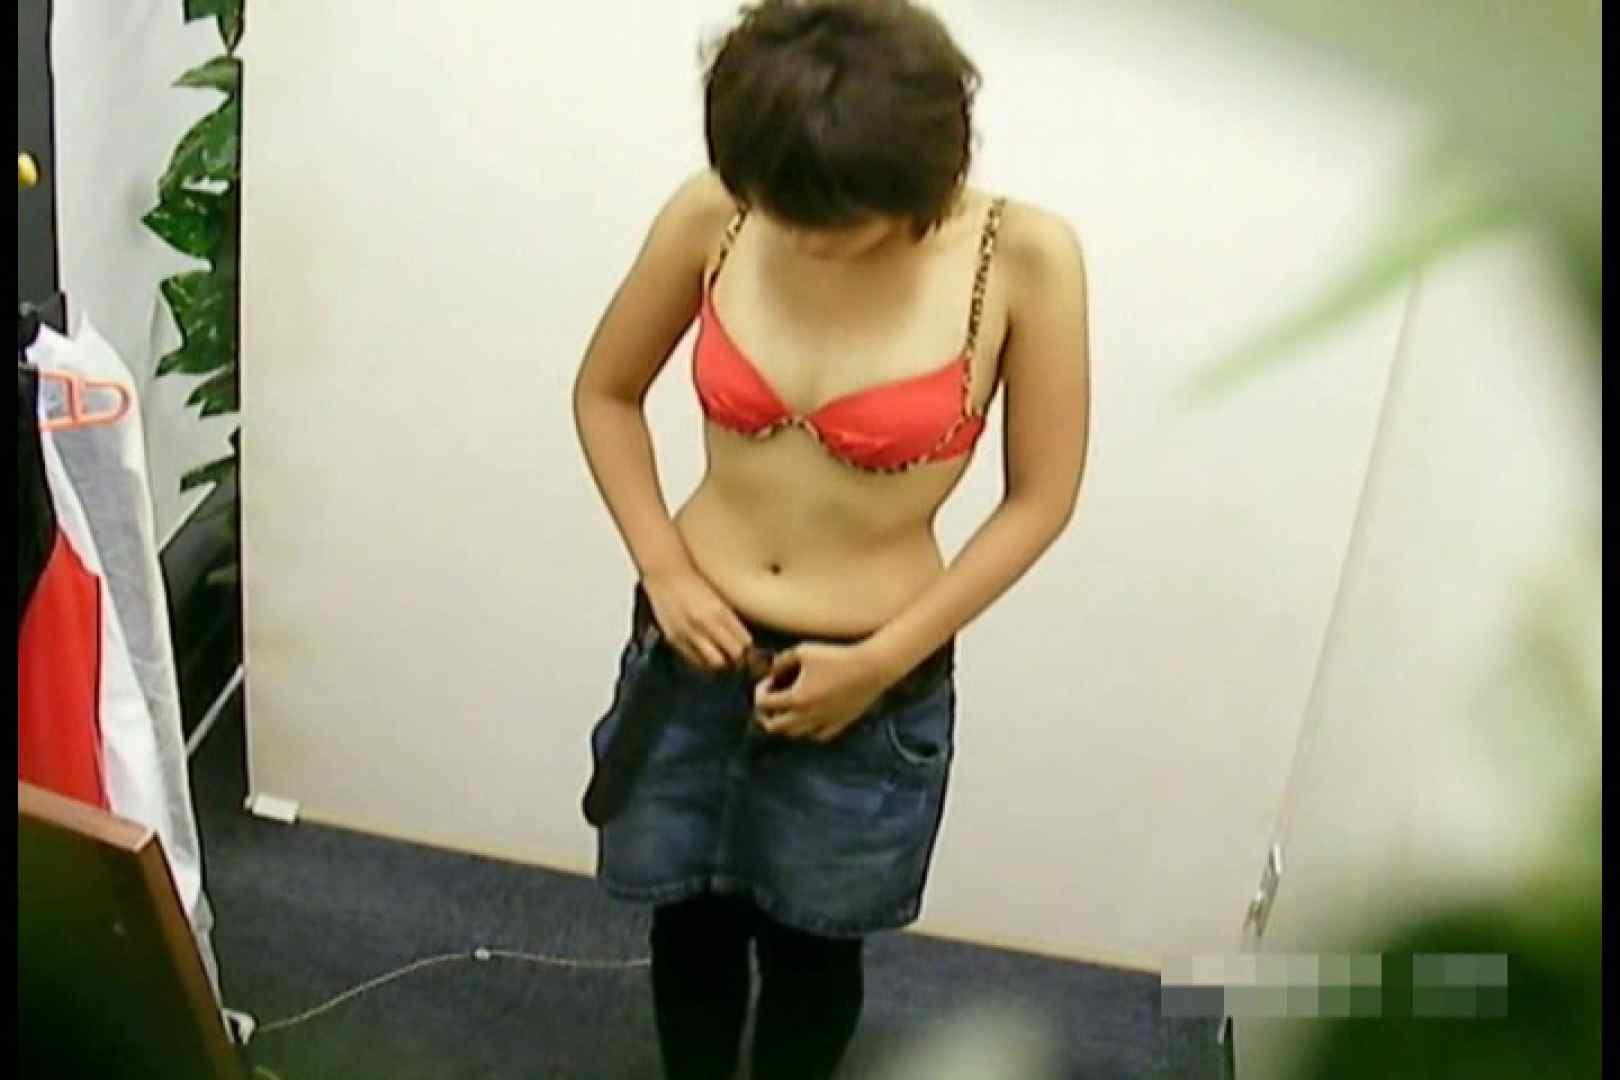 素人撮影 下着だけの撮影のはずが・・・エミちゃん18歳 盗撮   ギャル達のオマンコ  55画像 7